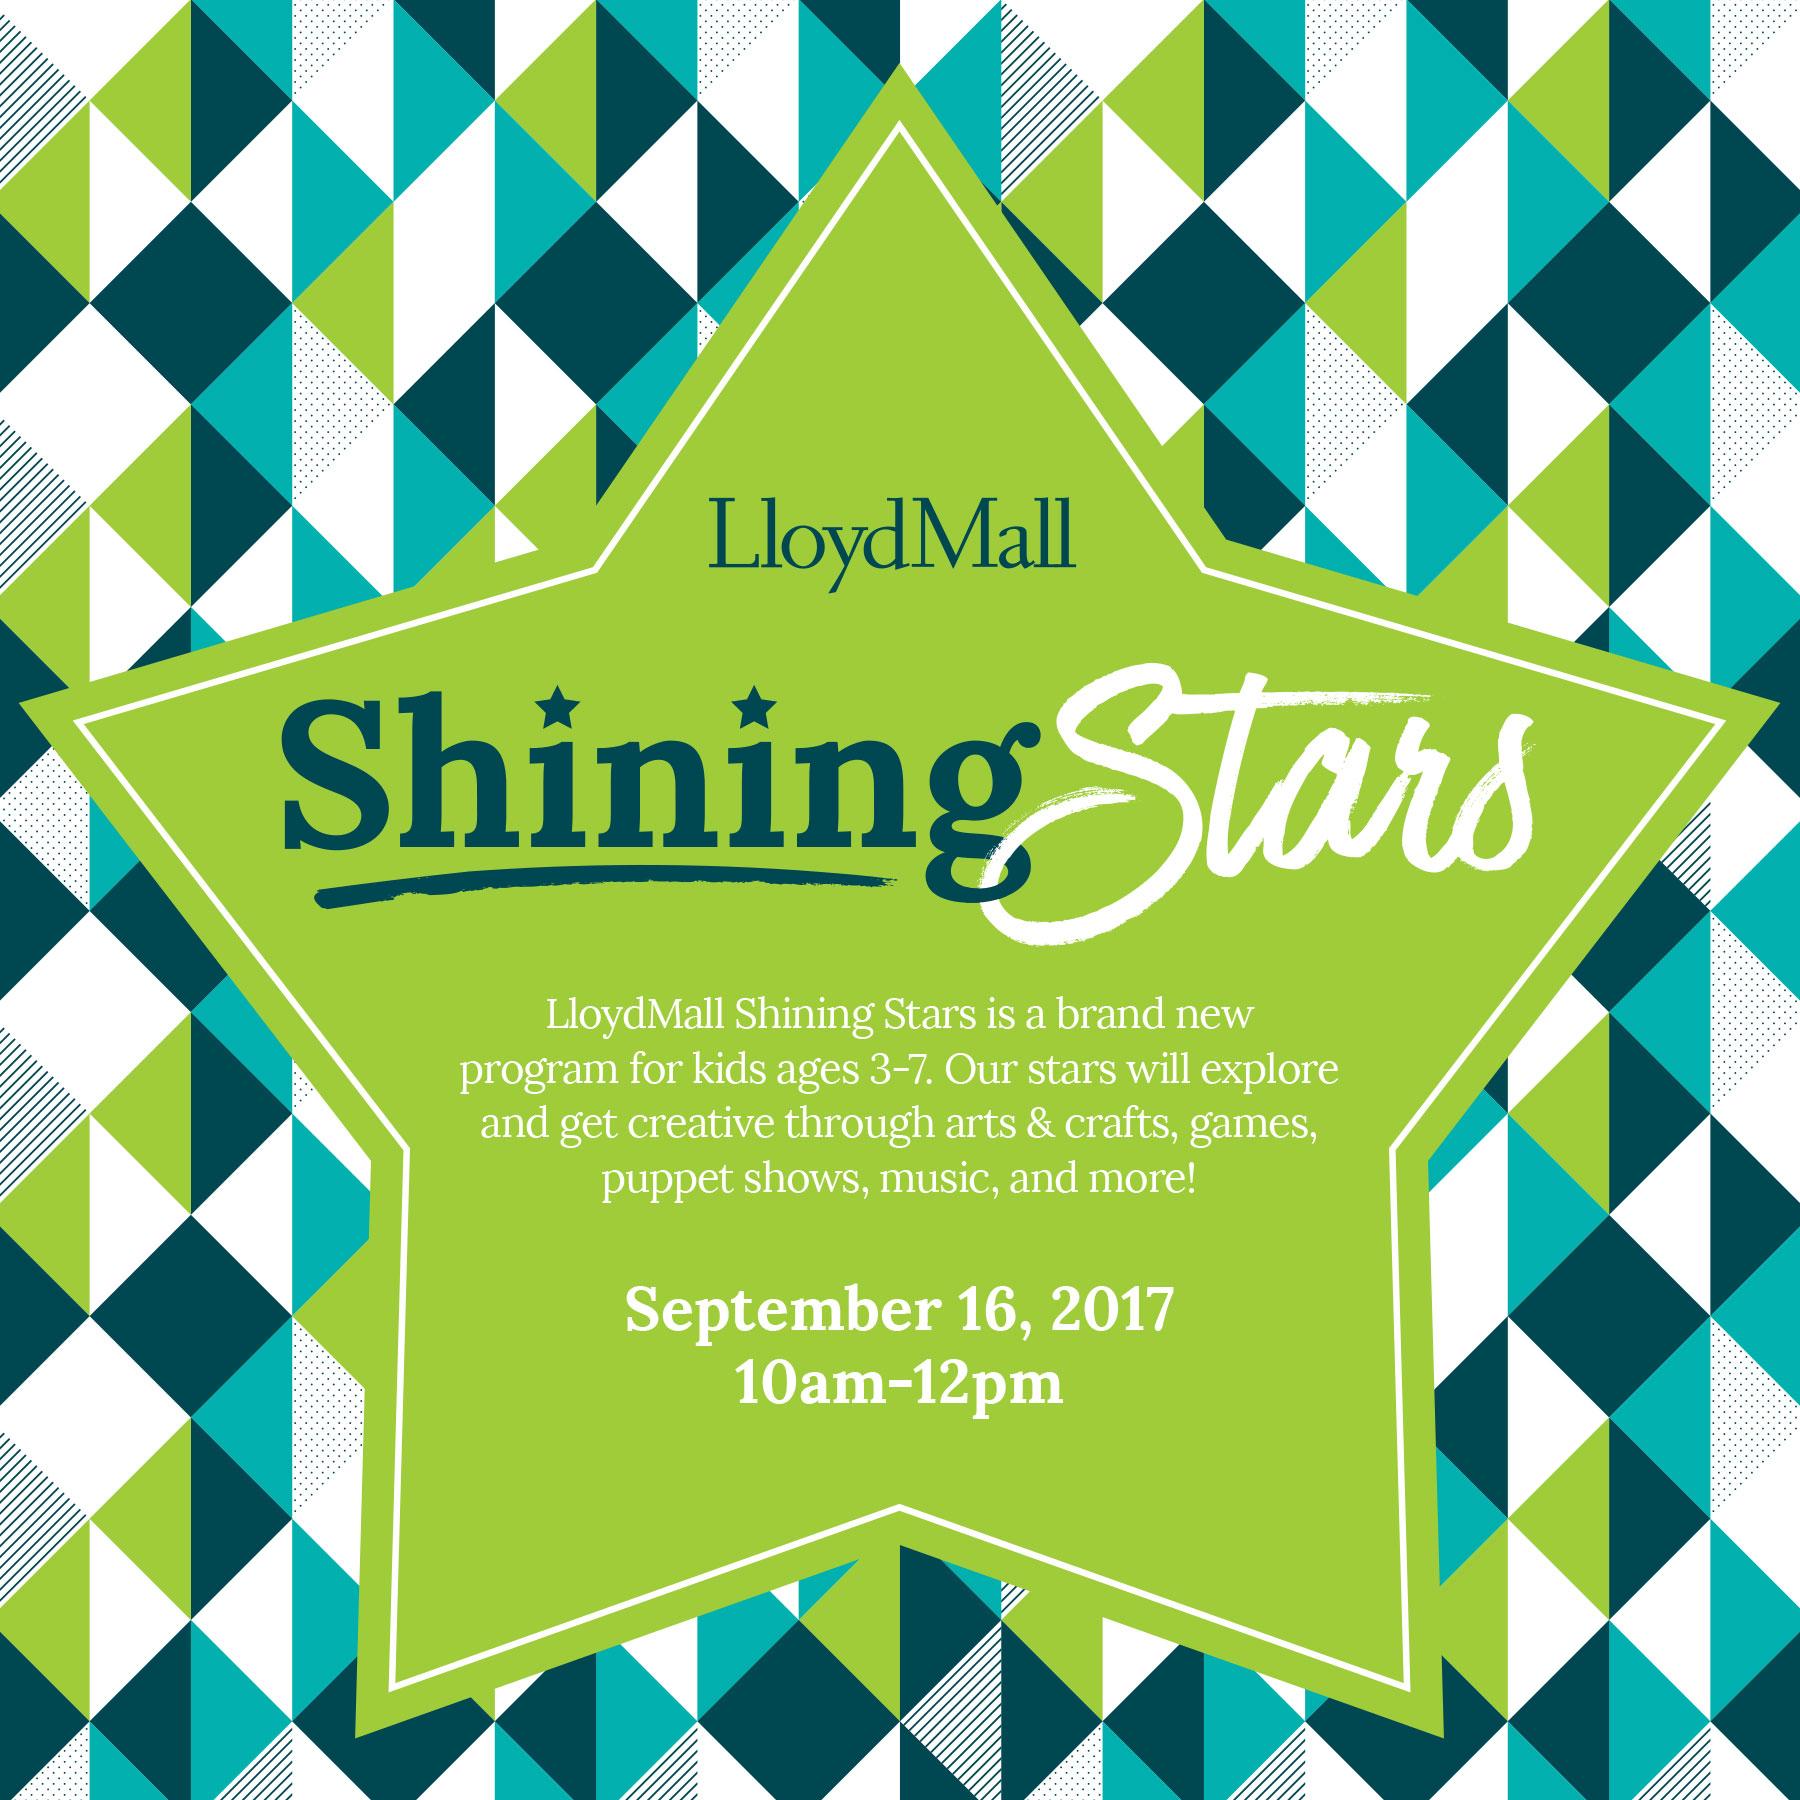 LloydMall_ShiningzStars_Instagram-Facebook.jpg